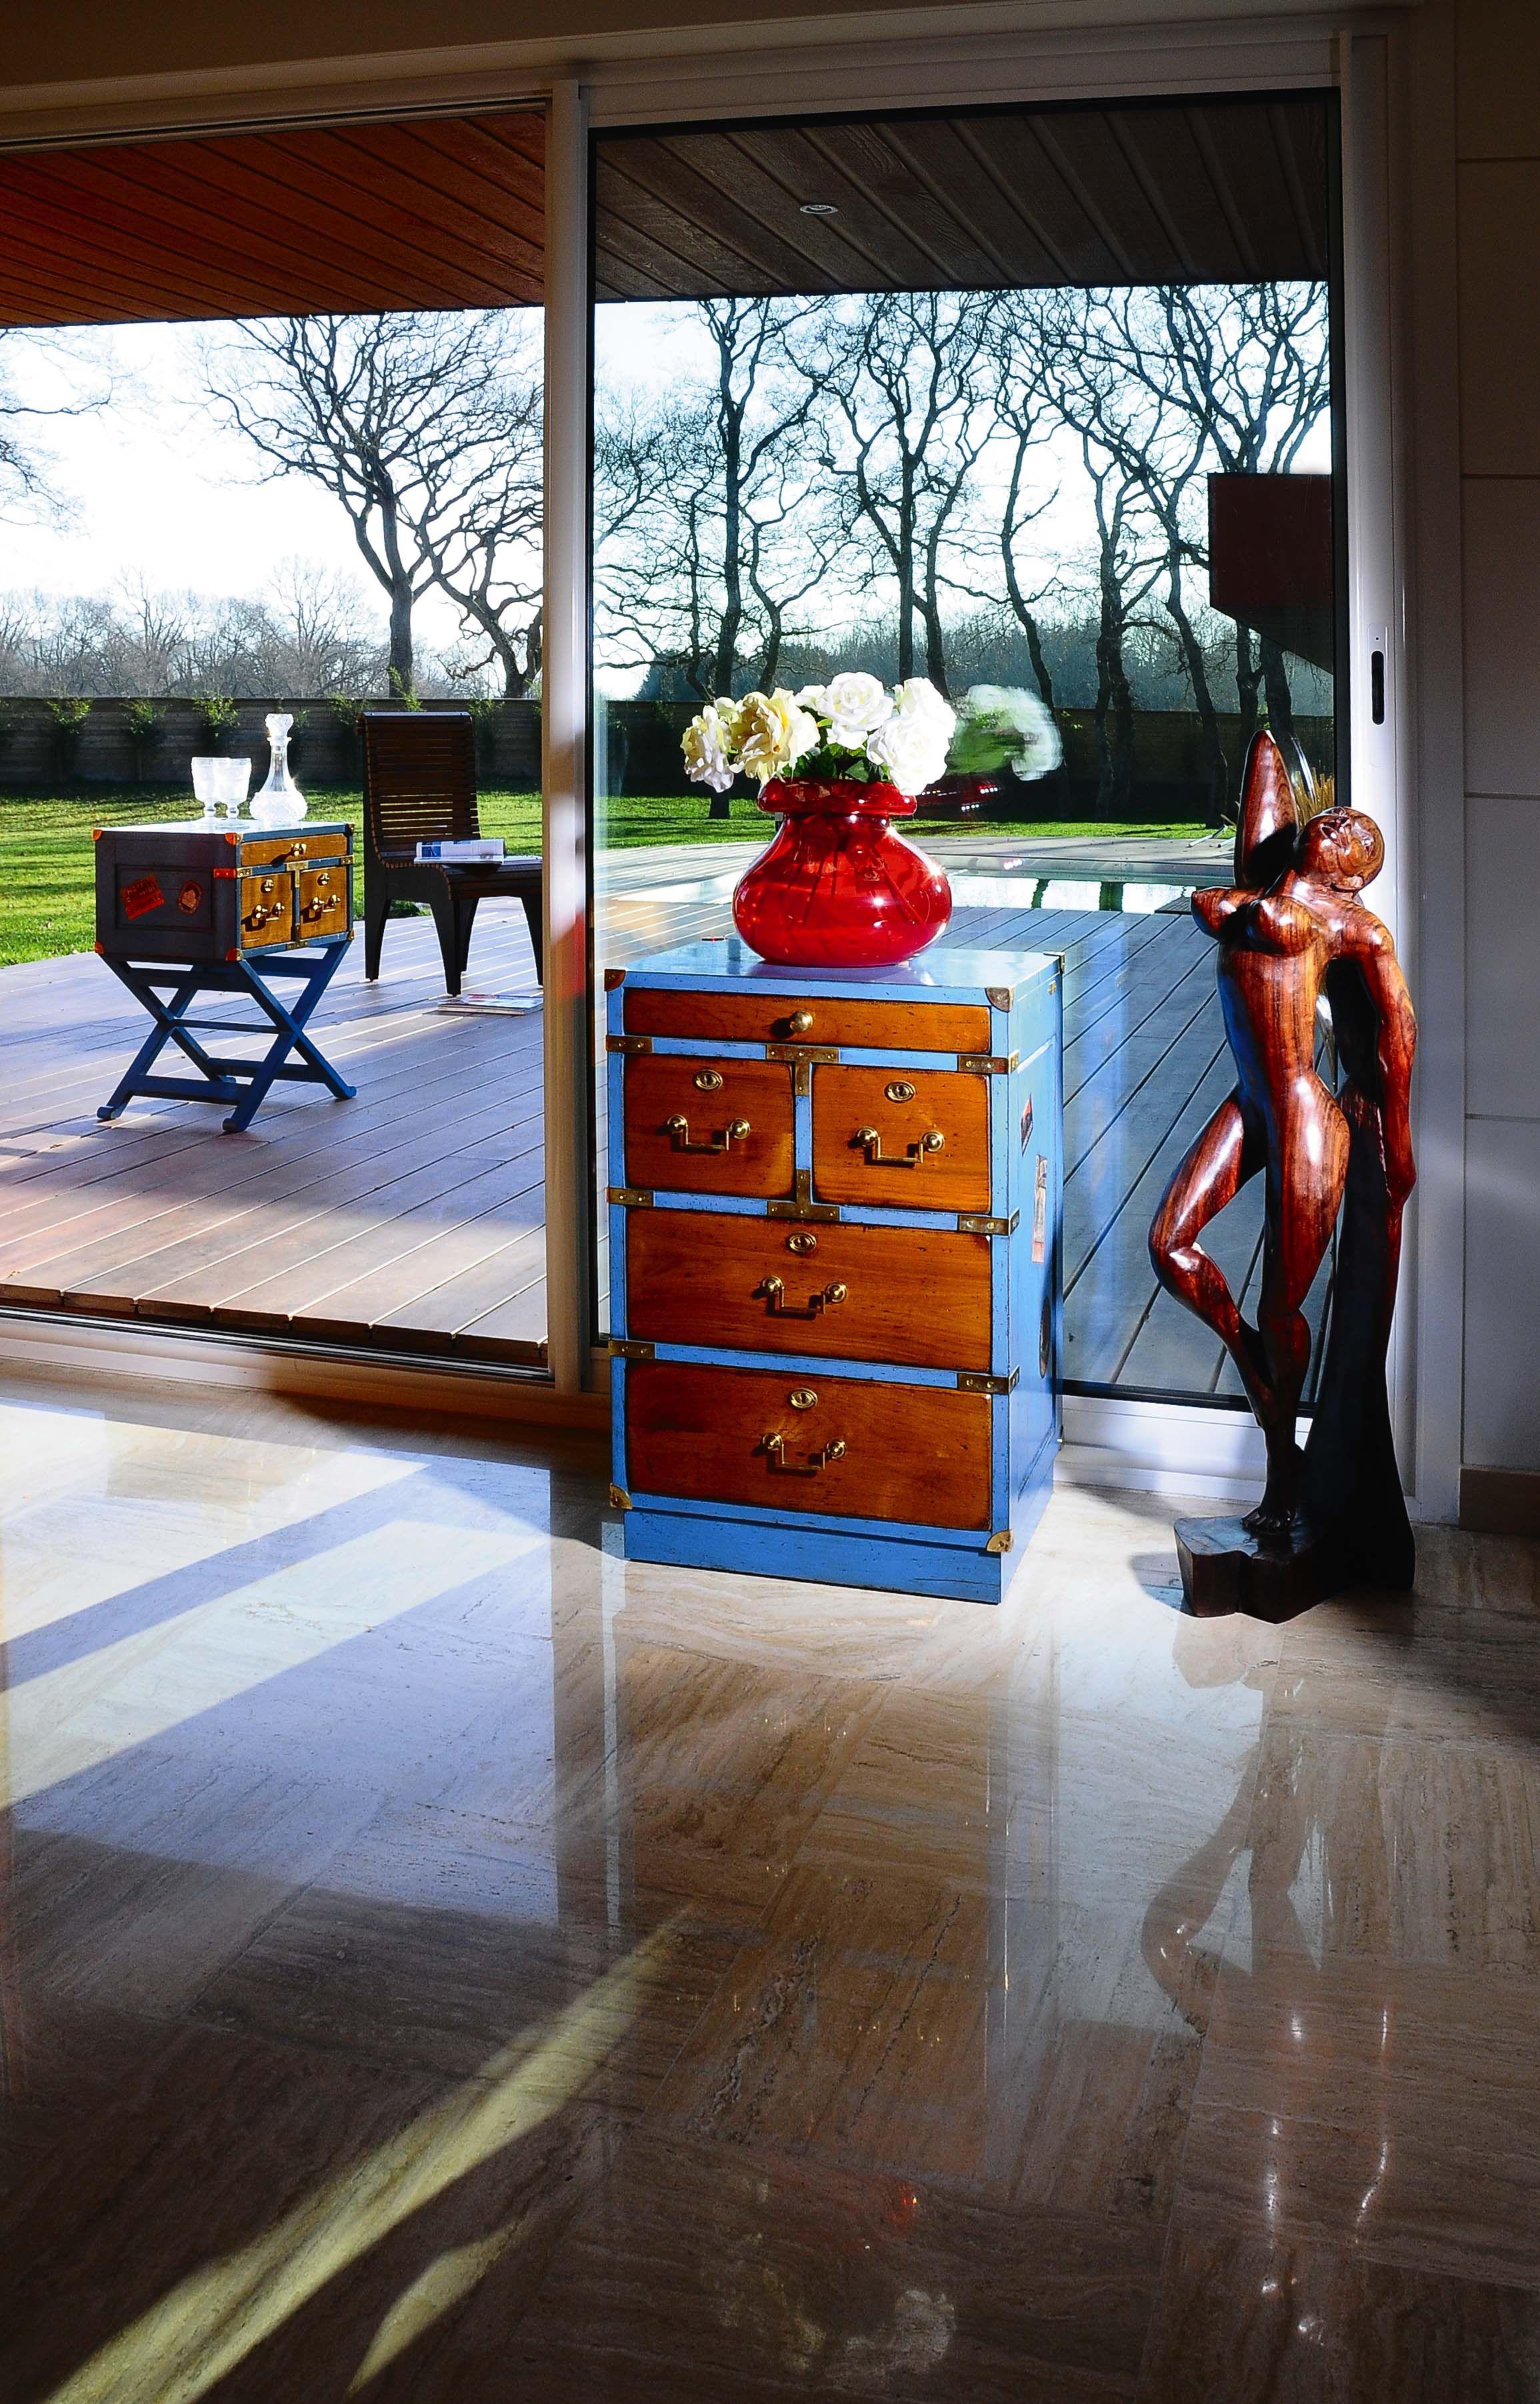 reismeubelen dressoir blauwe accenten klassiek dressoir woonkamerinspiratie woonkamer ideen klassiek interieur